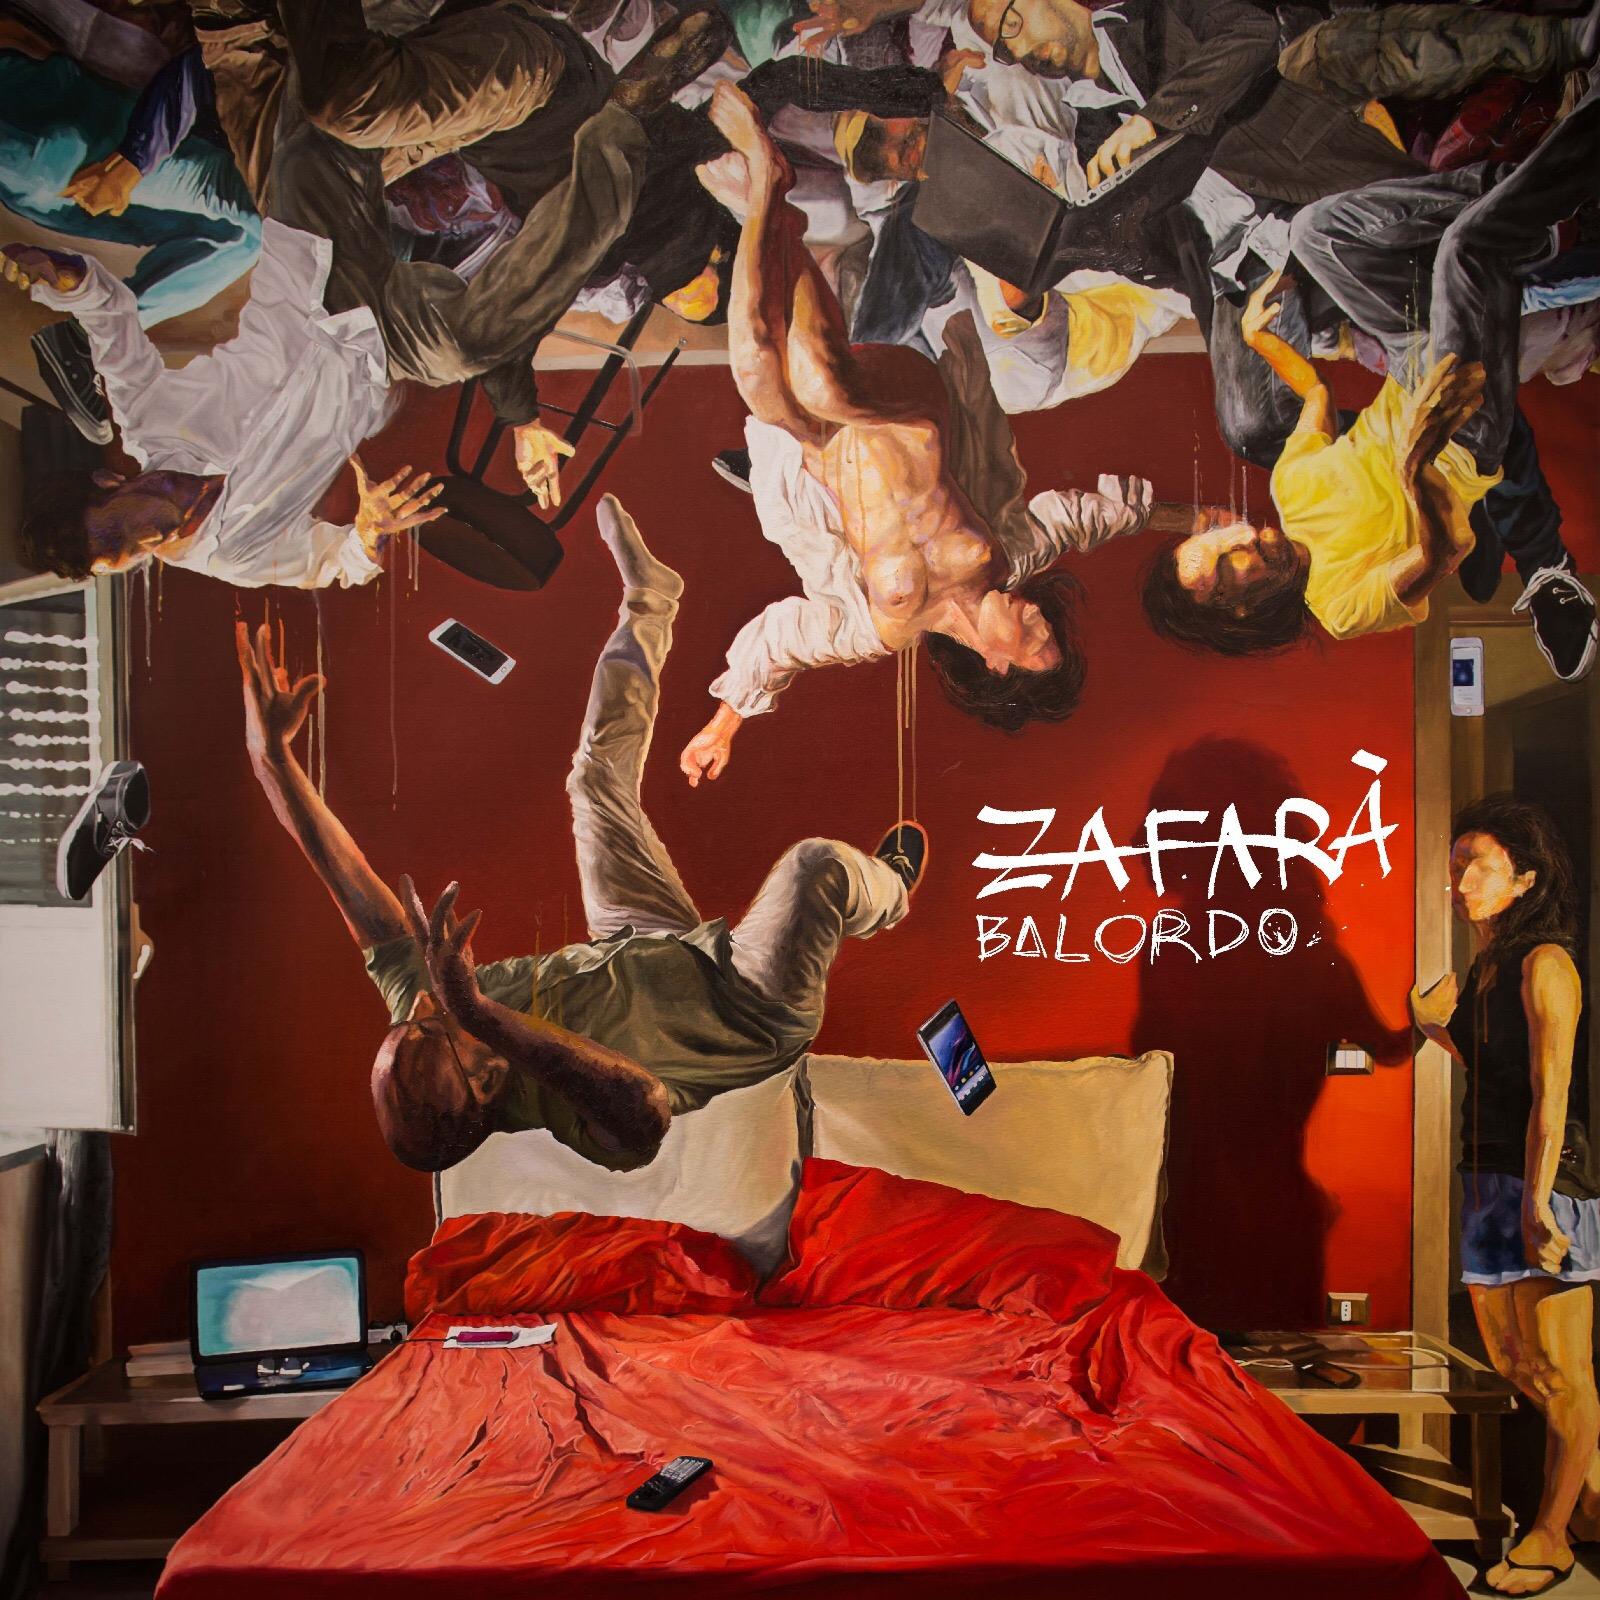 Zafara